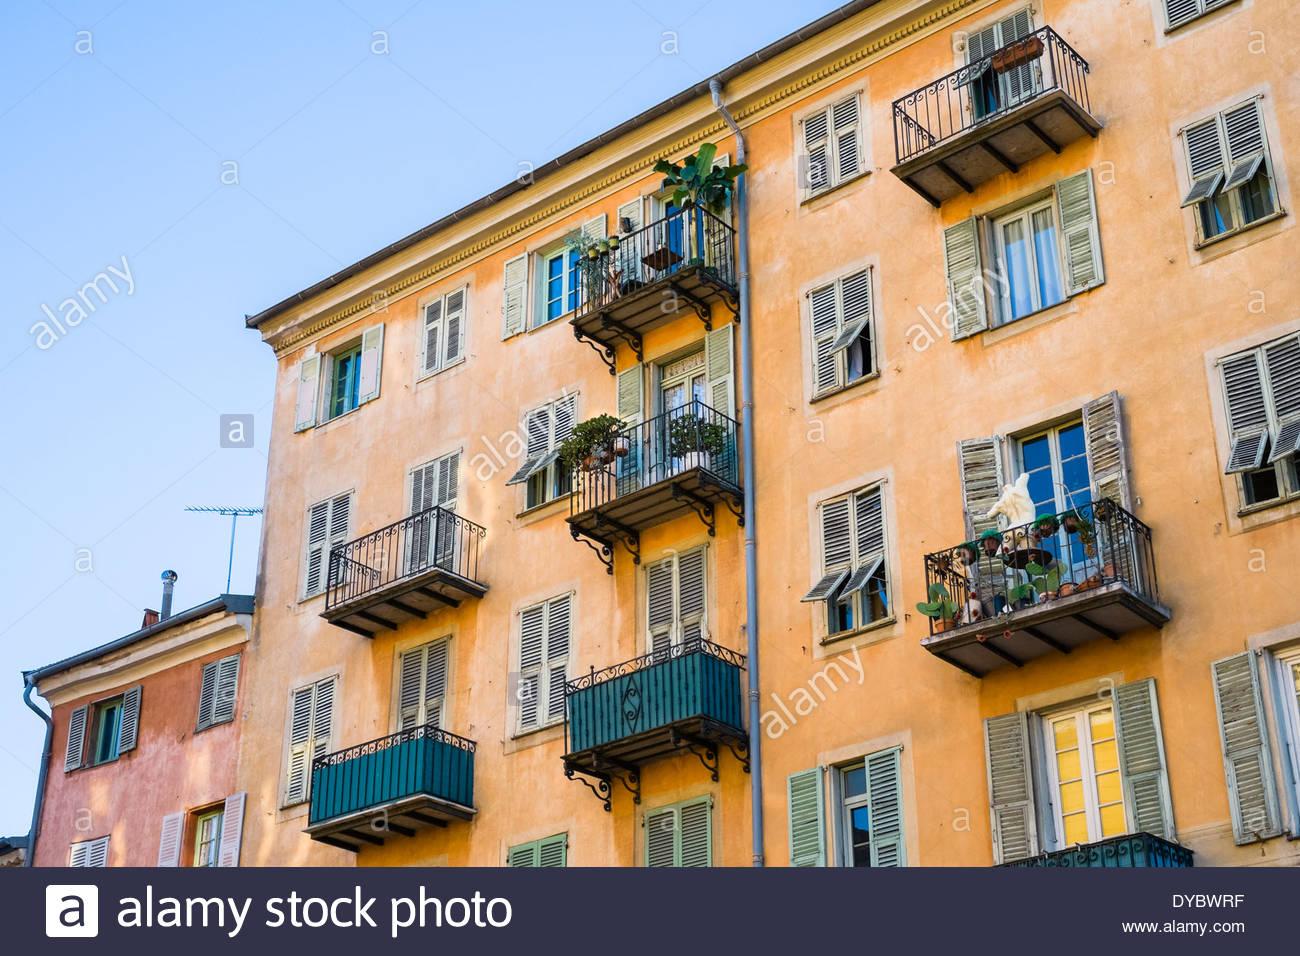 Vecchi edifici colorati con persiane alle finestre su Place Saint François, Vieille Ville (Città Vecchia), Nizza, Foto Stock